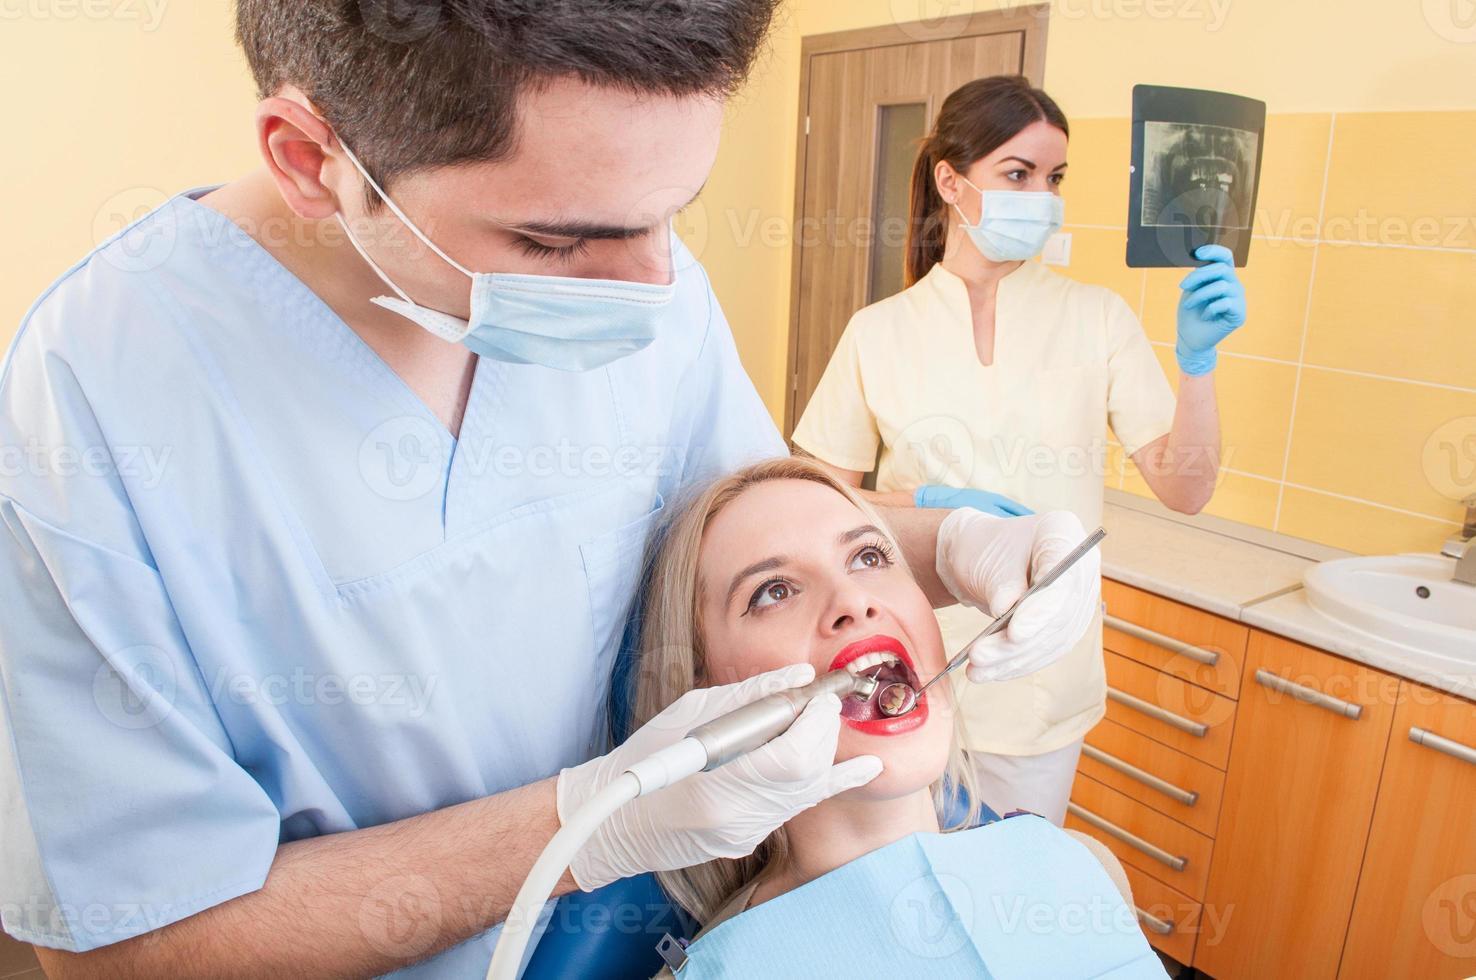 Hermosa mujer paciente en consultorio o gabinete de dentista foto